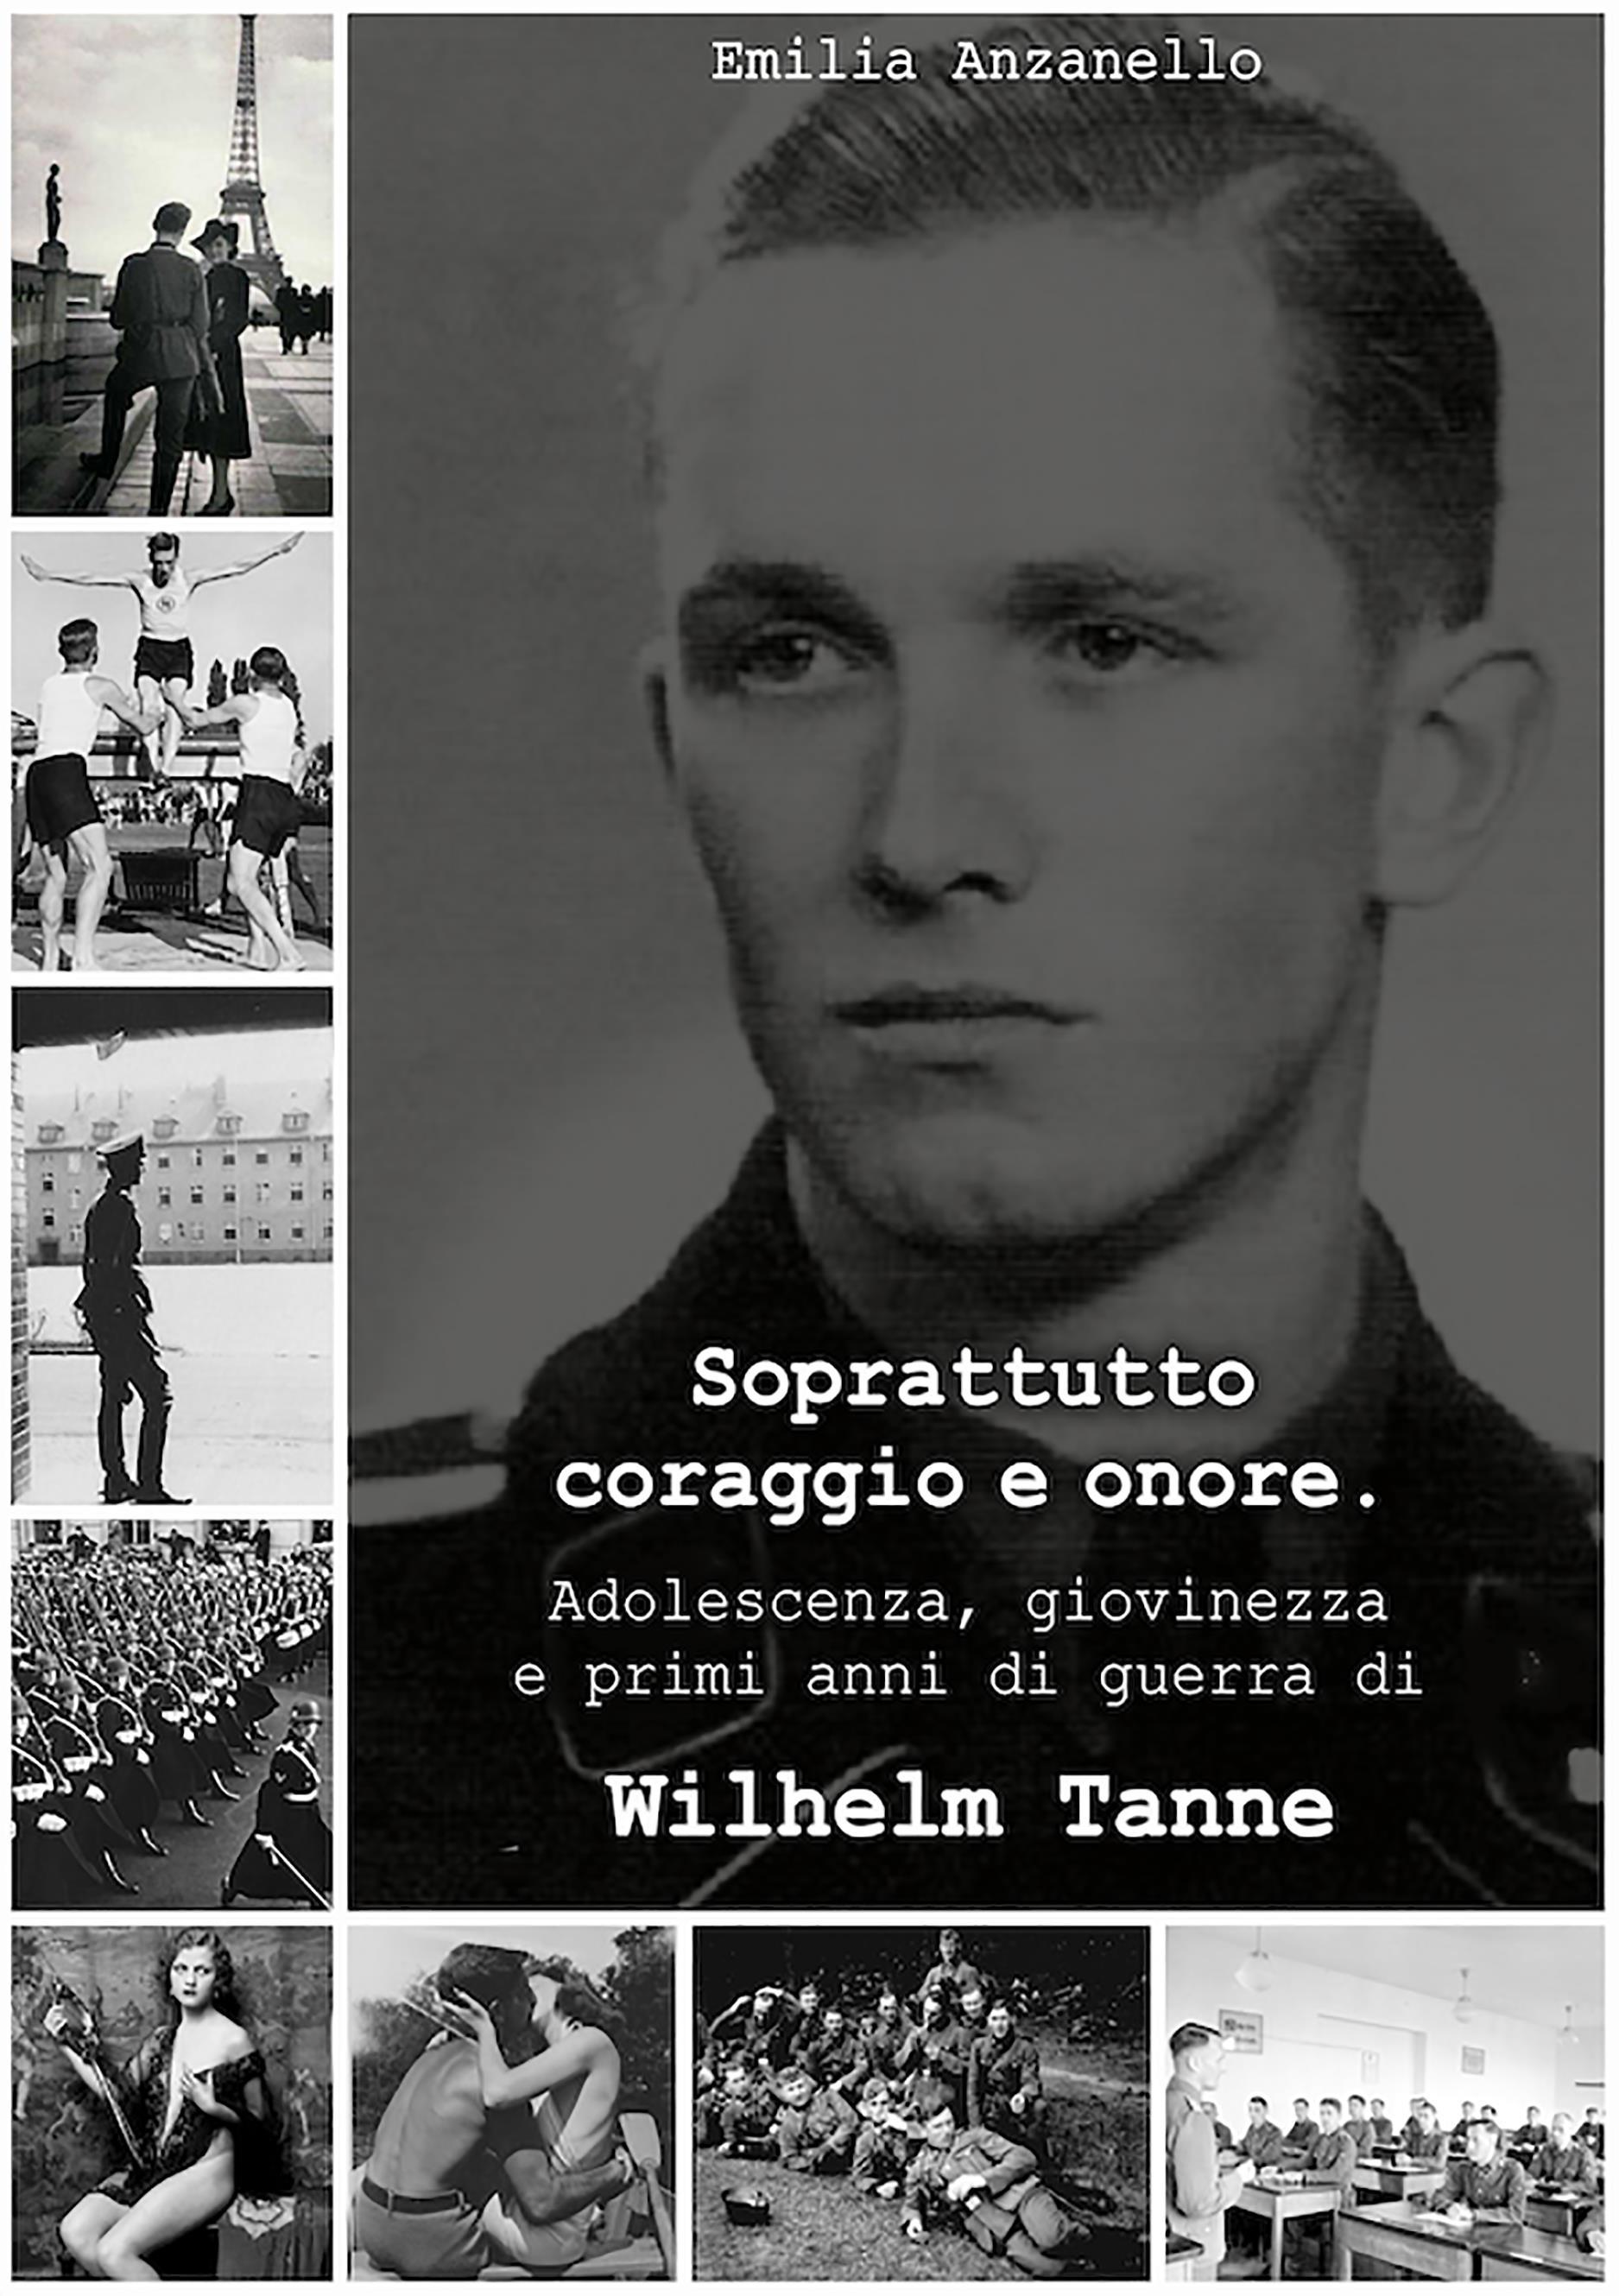 Soprattutto coraggio e onore. Adolescenza, giovinezza e primi anni di guerra di Wilhelm Tanne